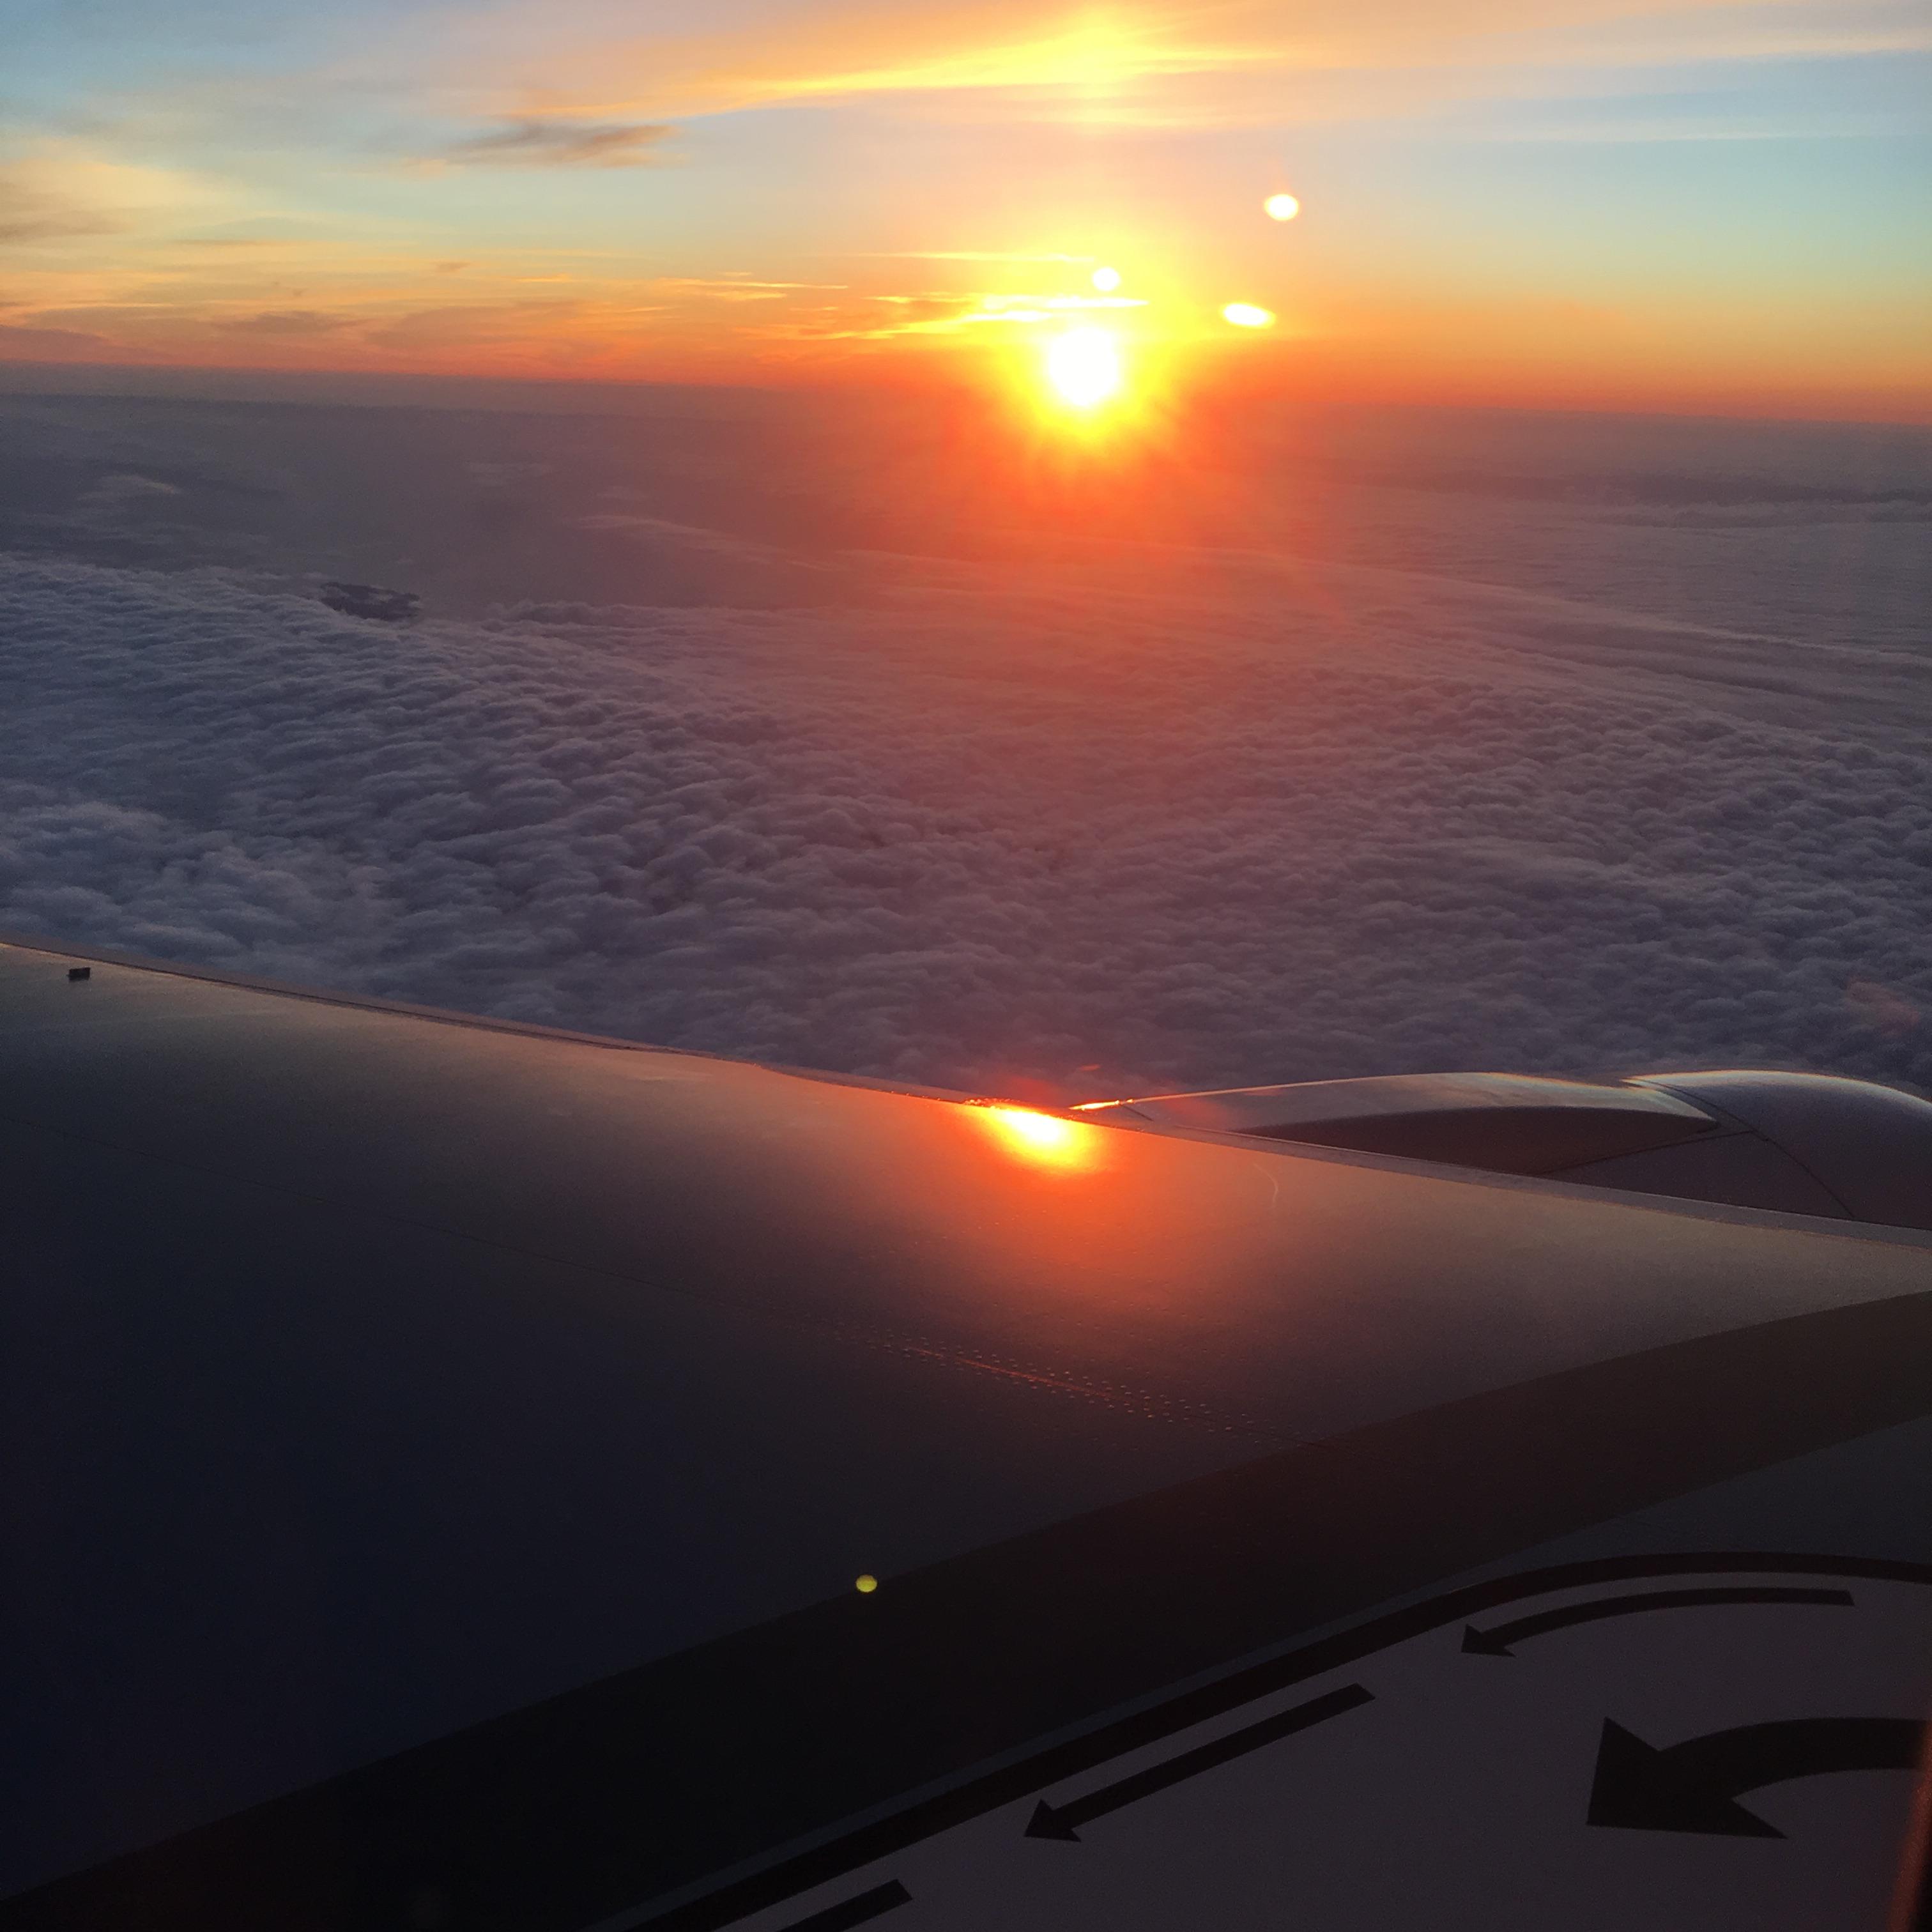 飛行機の翼と夕陽